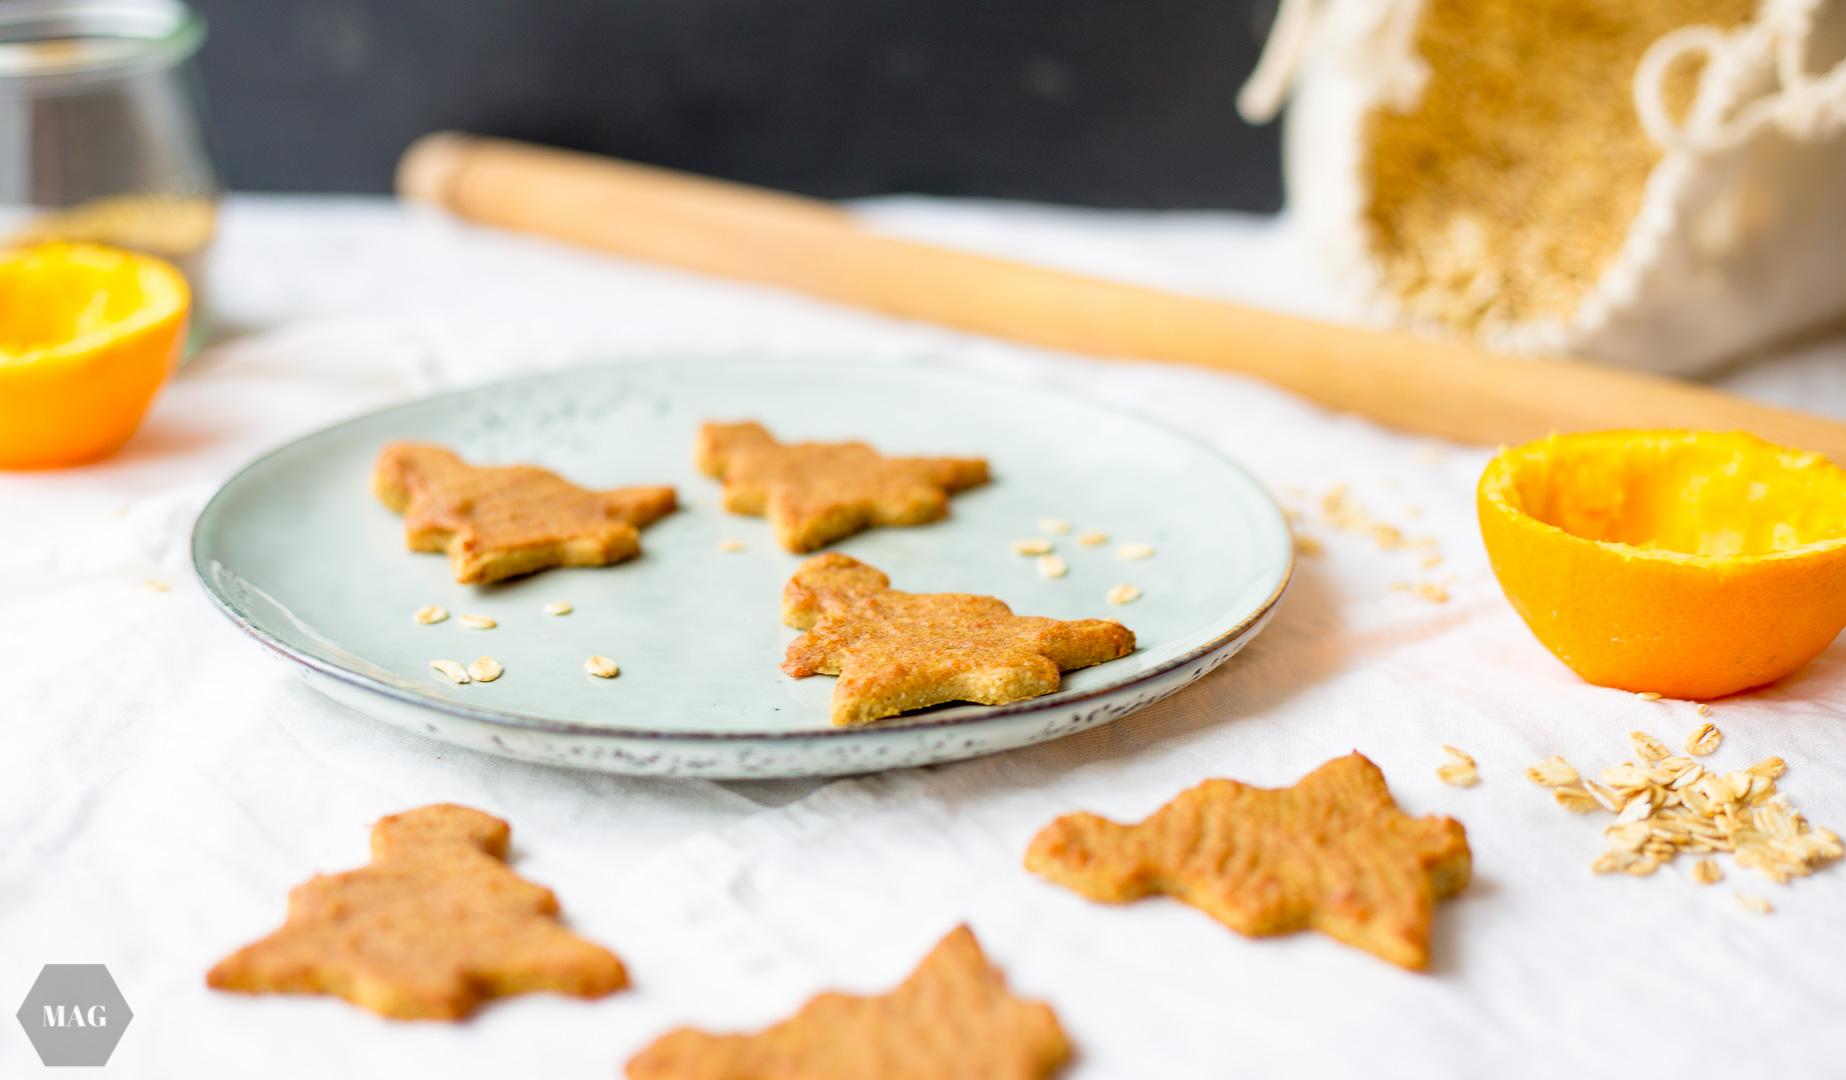 hafer-tannenbäume, haferkekse, weihnachtskekse, vegane kekse, grundrezept kekse, ausstechkekse